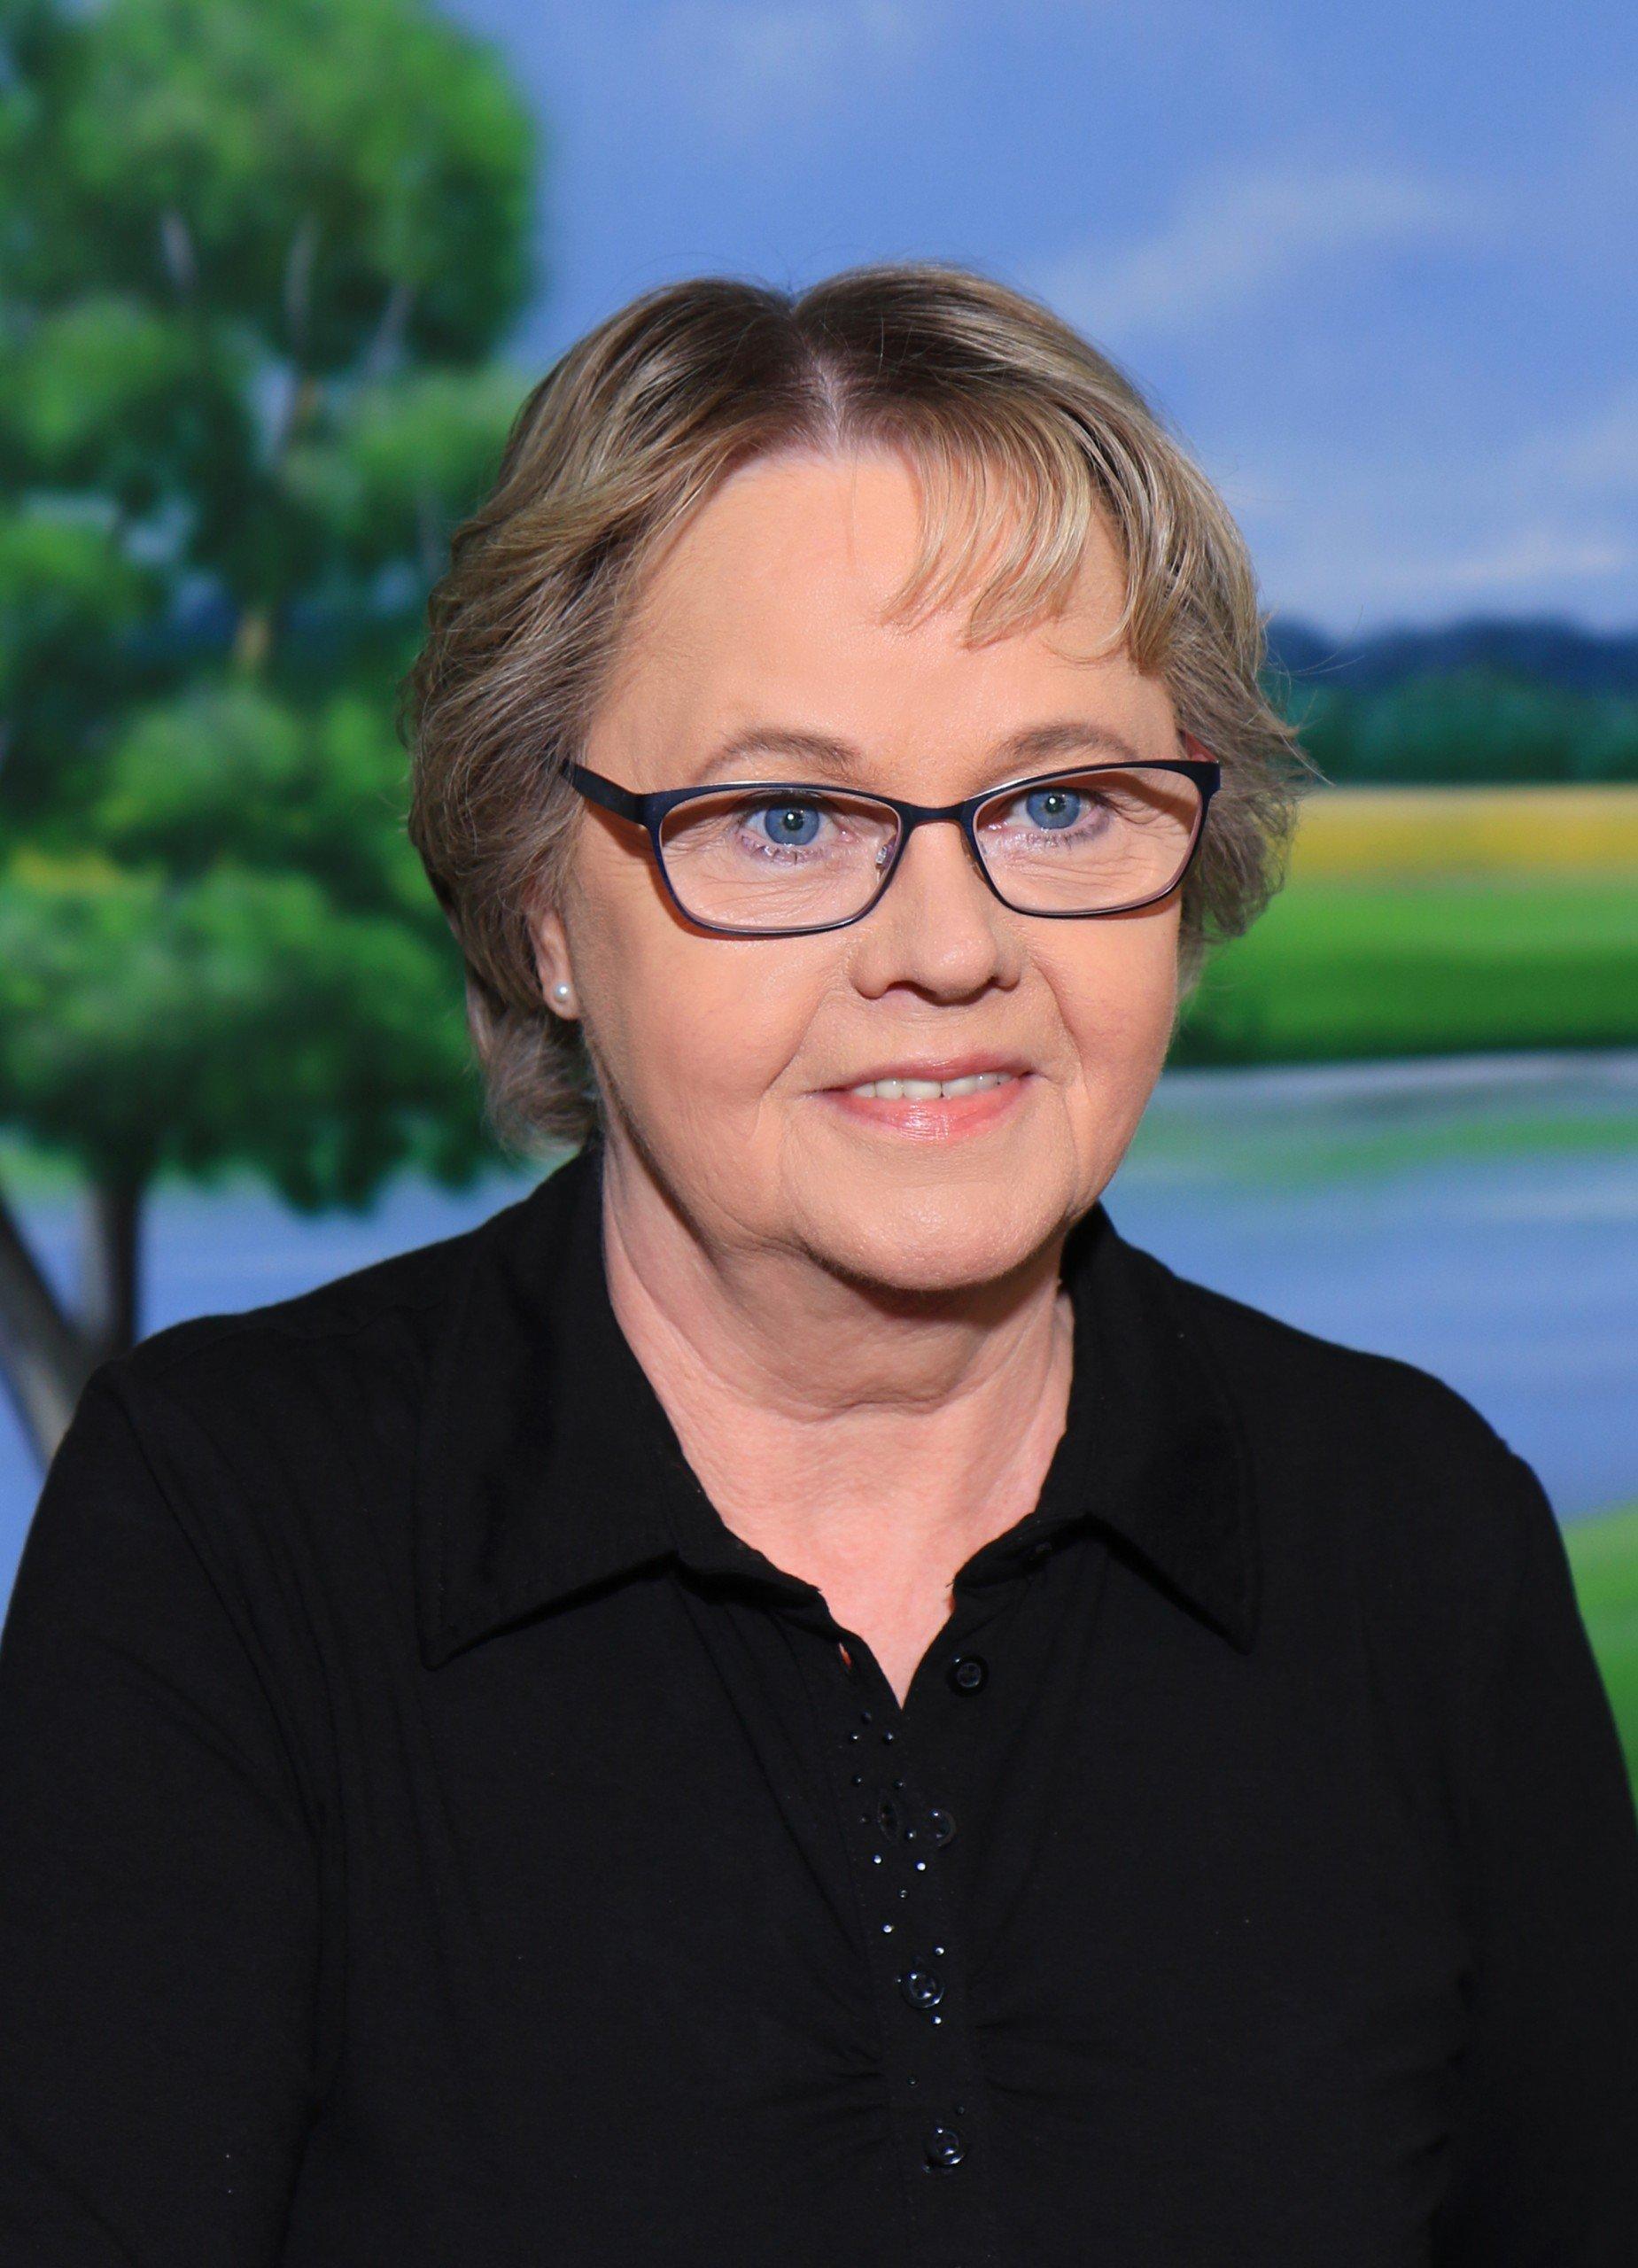 Frau Schukat